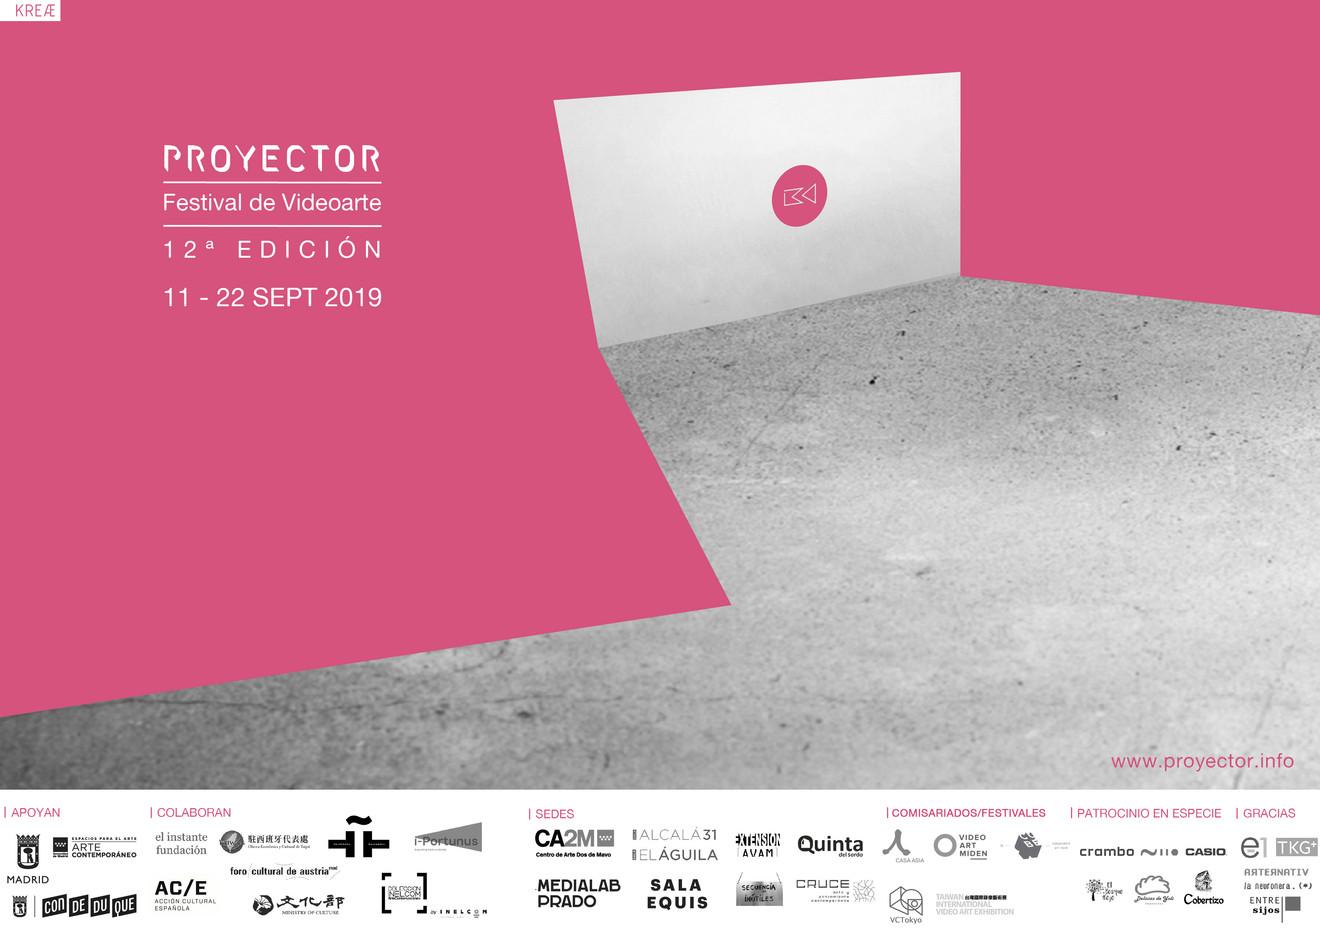 PROYECTOR Festival de Videoarte 2019 en El Instante